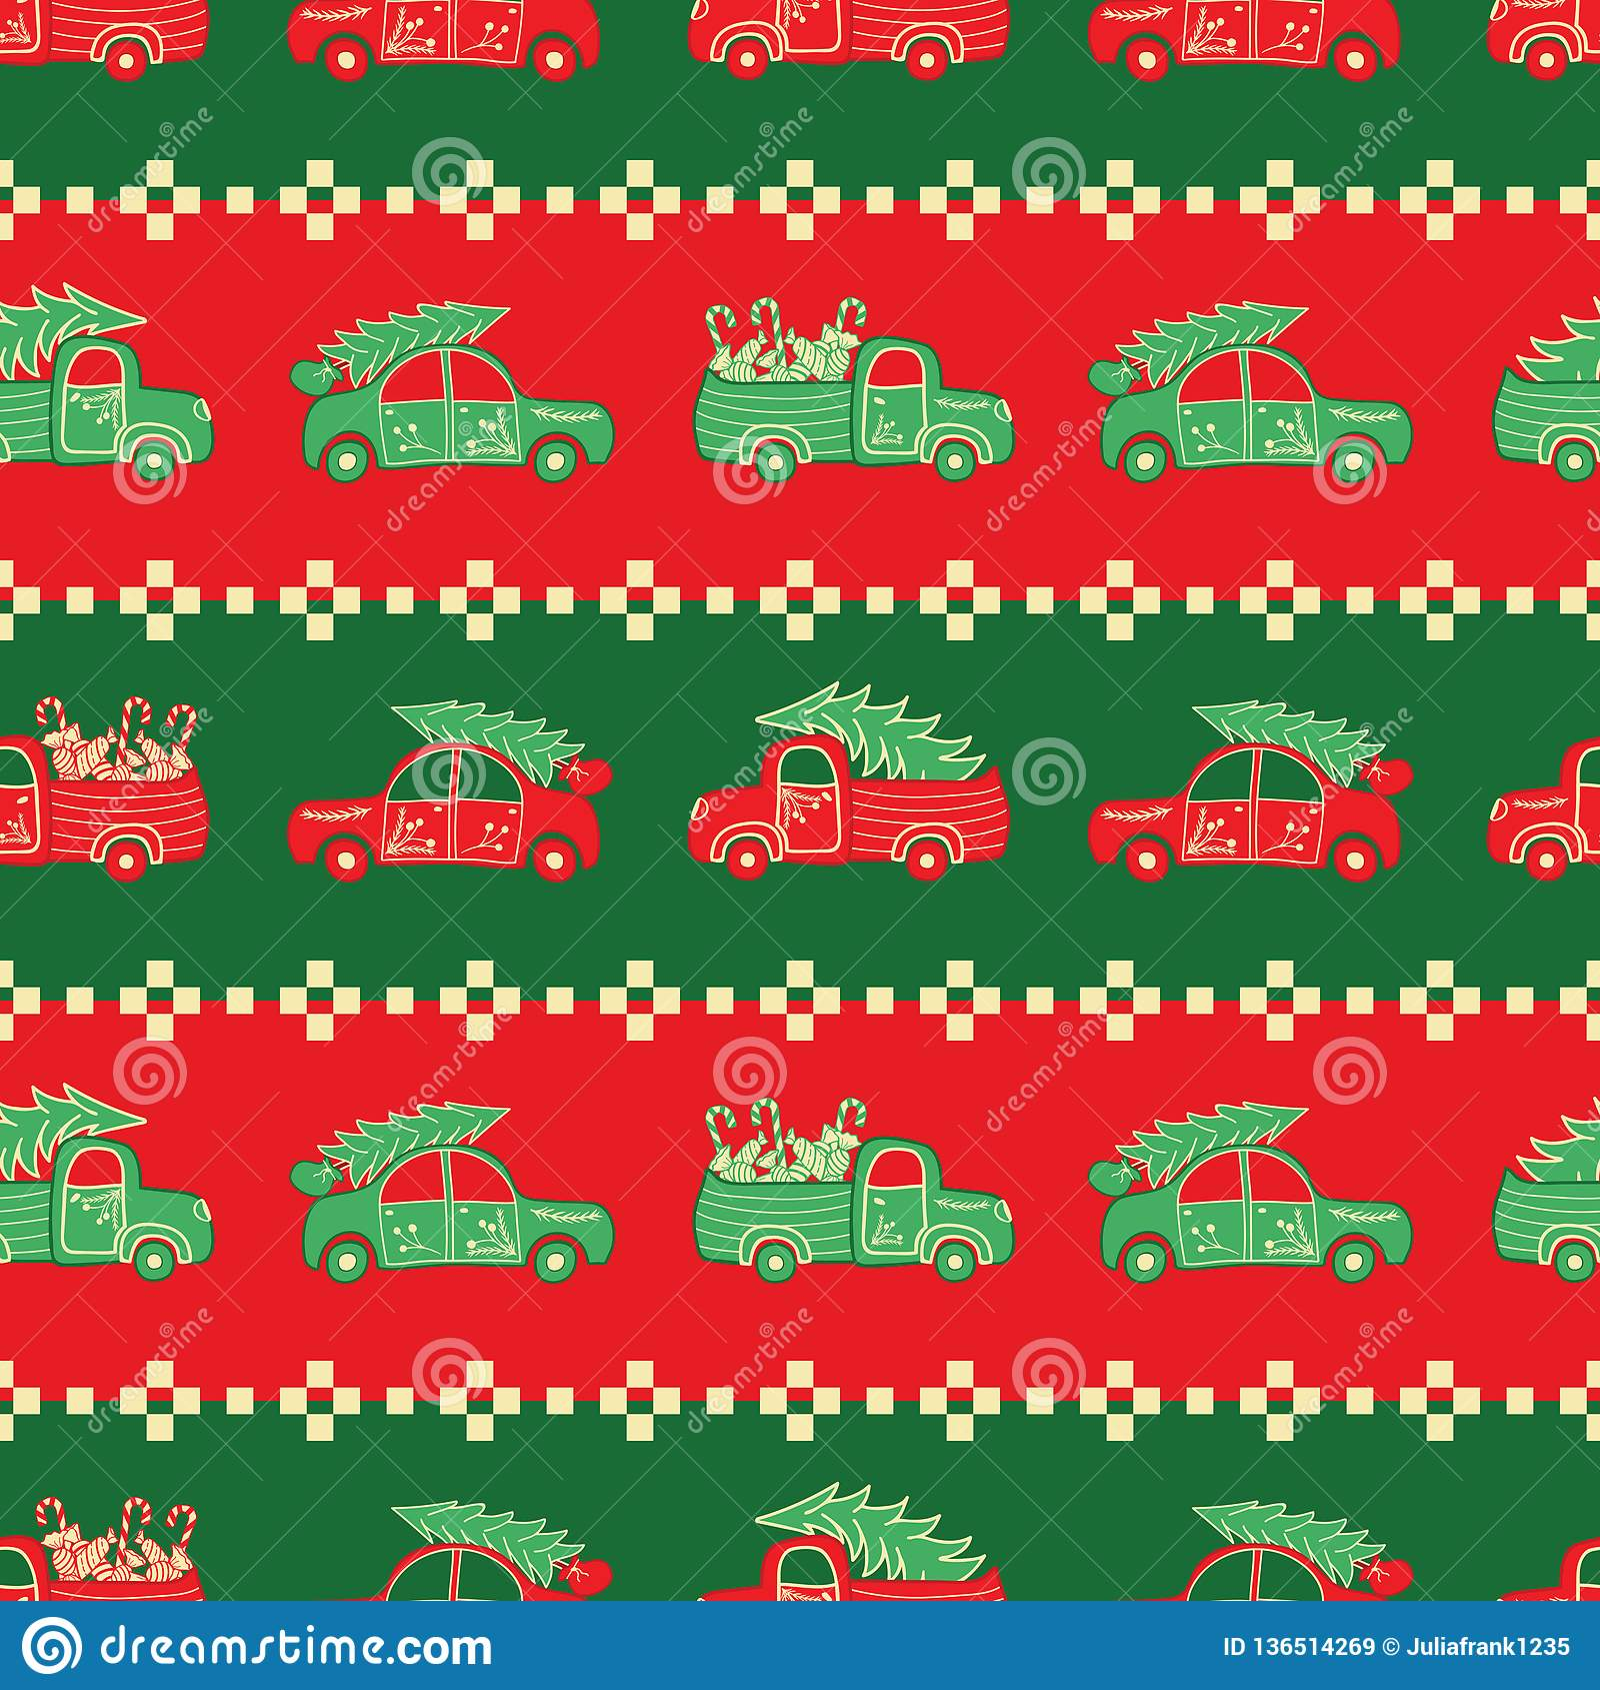 Listras de caminhões do Natal no teste padrão do vetor das cores vermelhas e verdes